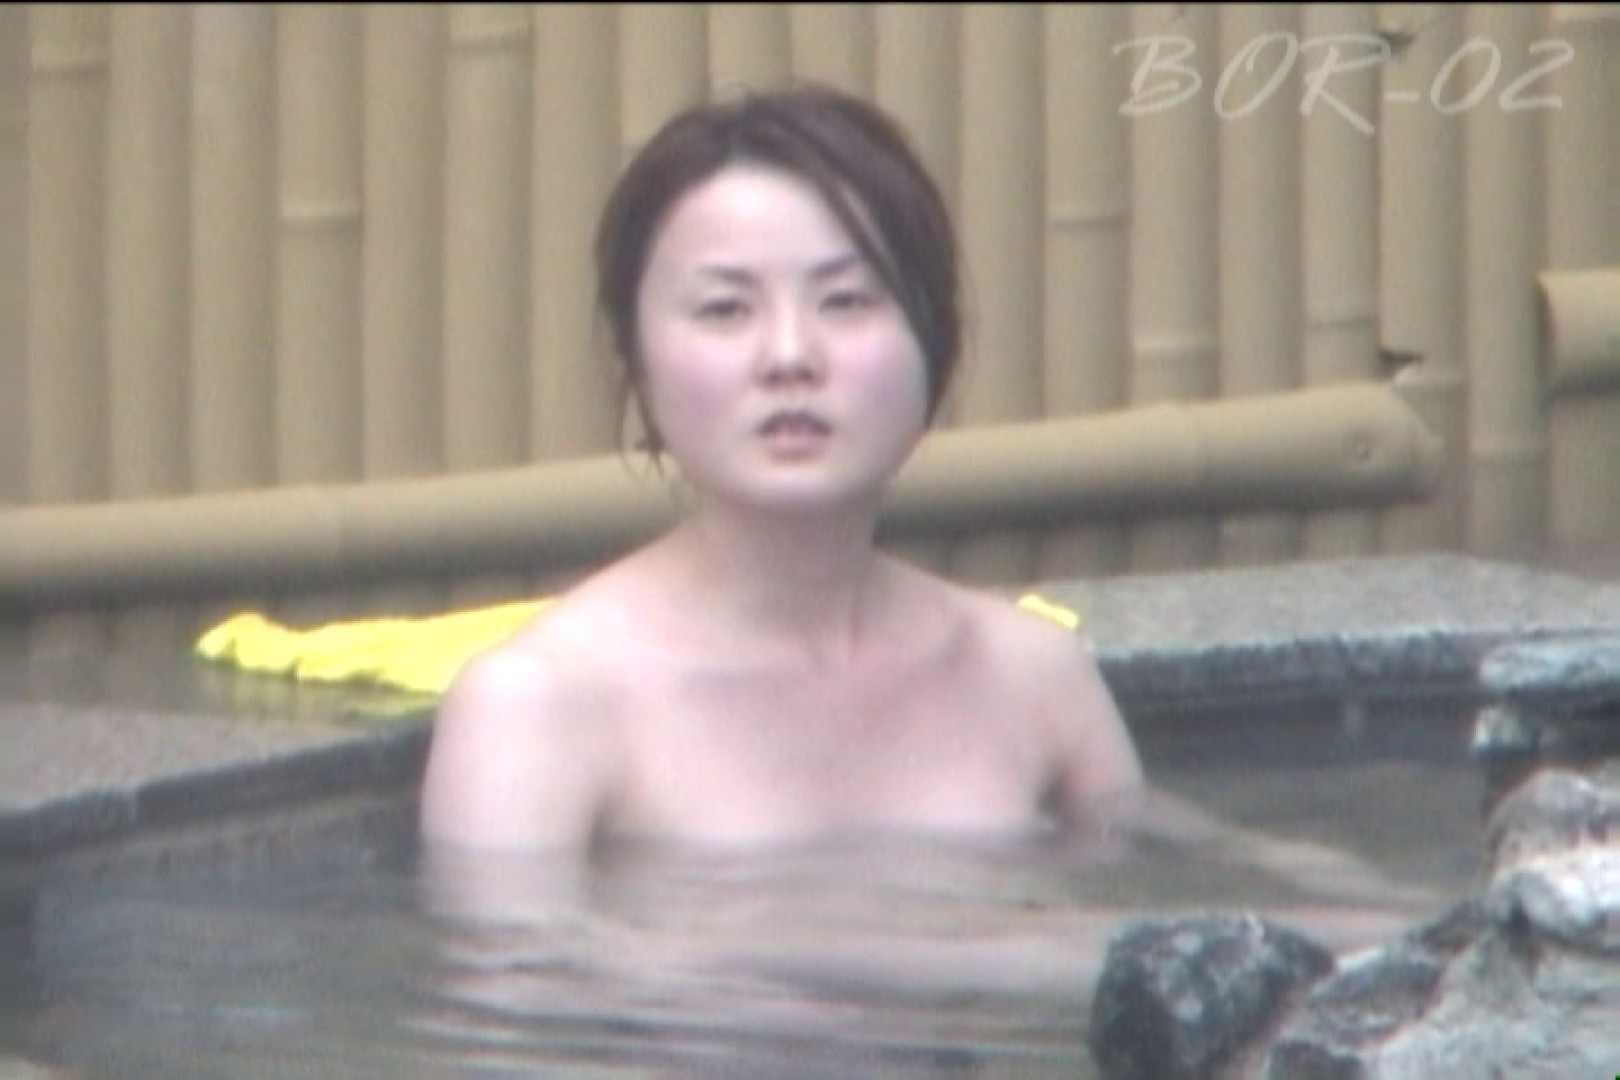 Aquaな露天風呂Vol.474 美しいOLの裸体  84pic 63